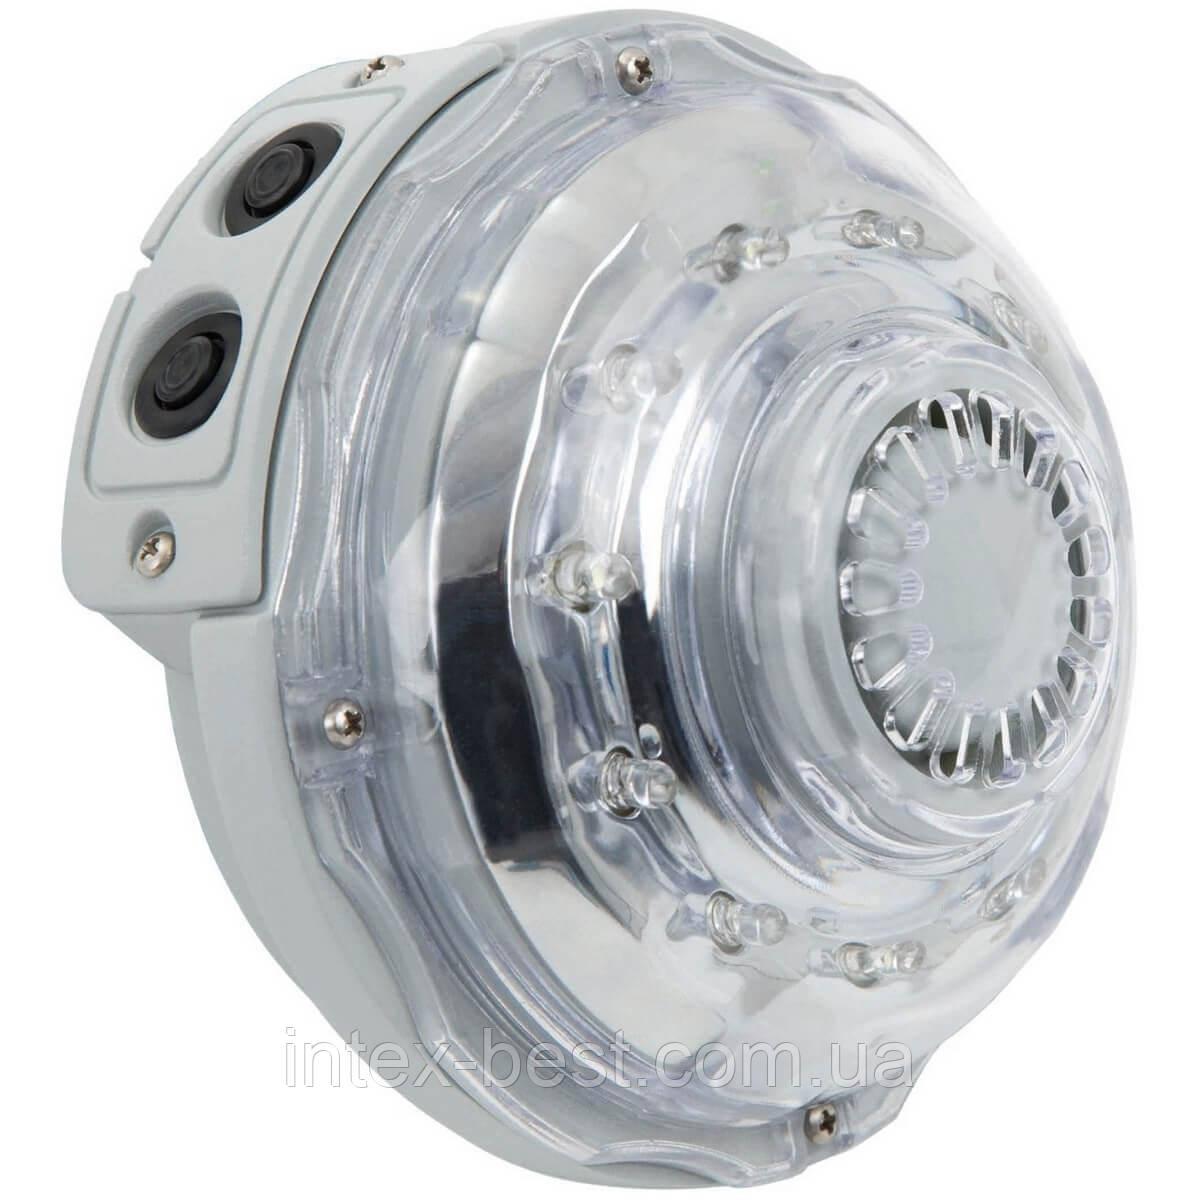 28504 Подсветка для гидромасс+пузыр. СПА, мультиколор, гидроэлектрическая